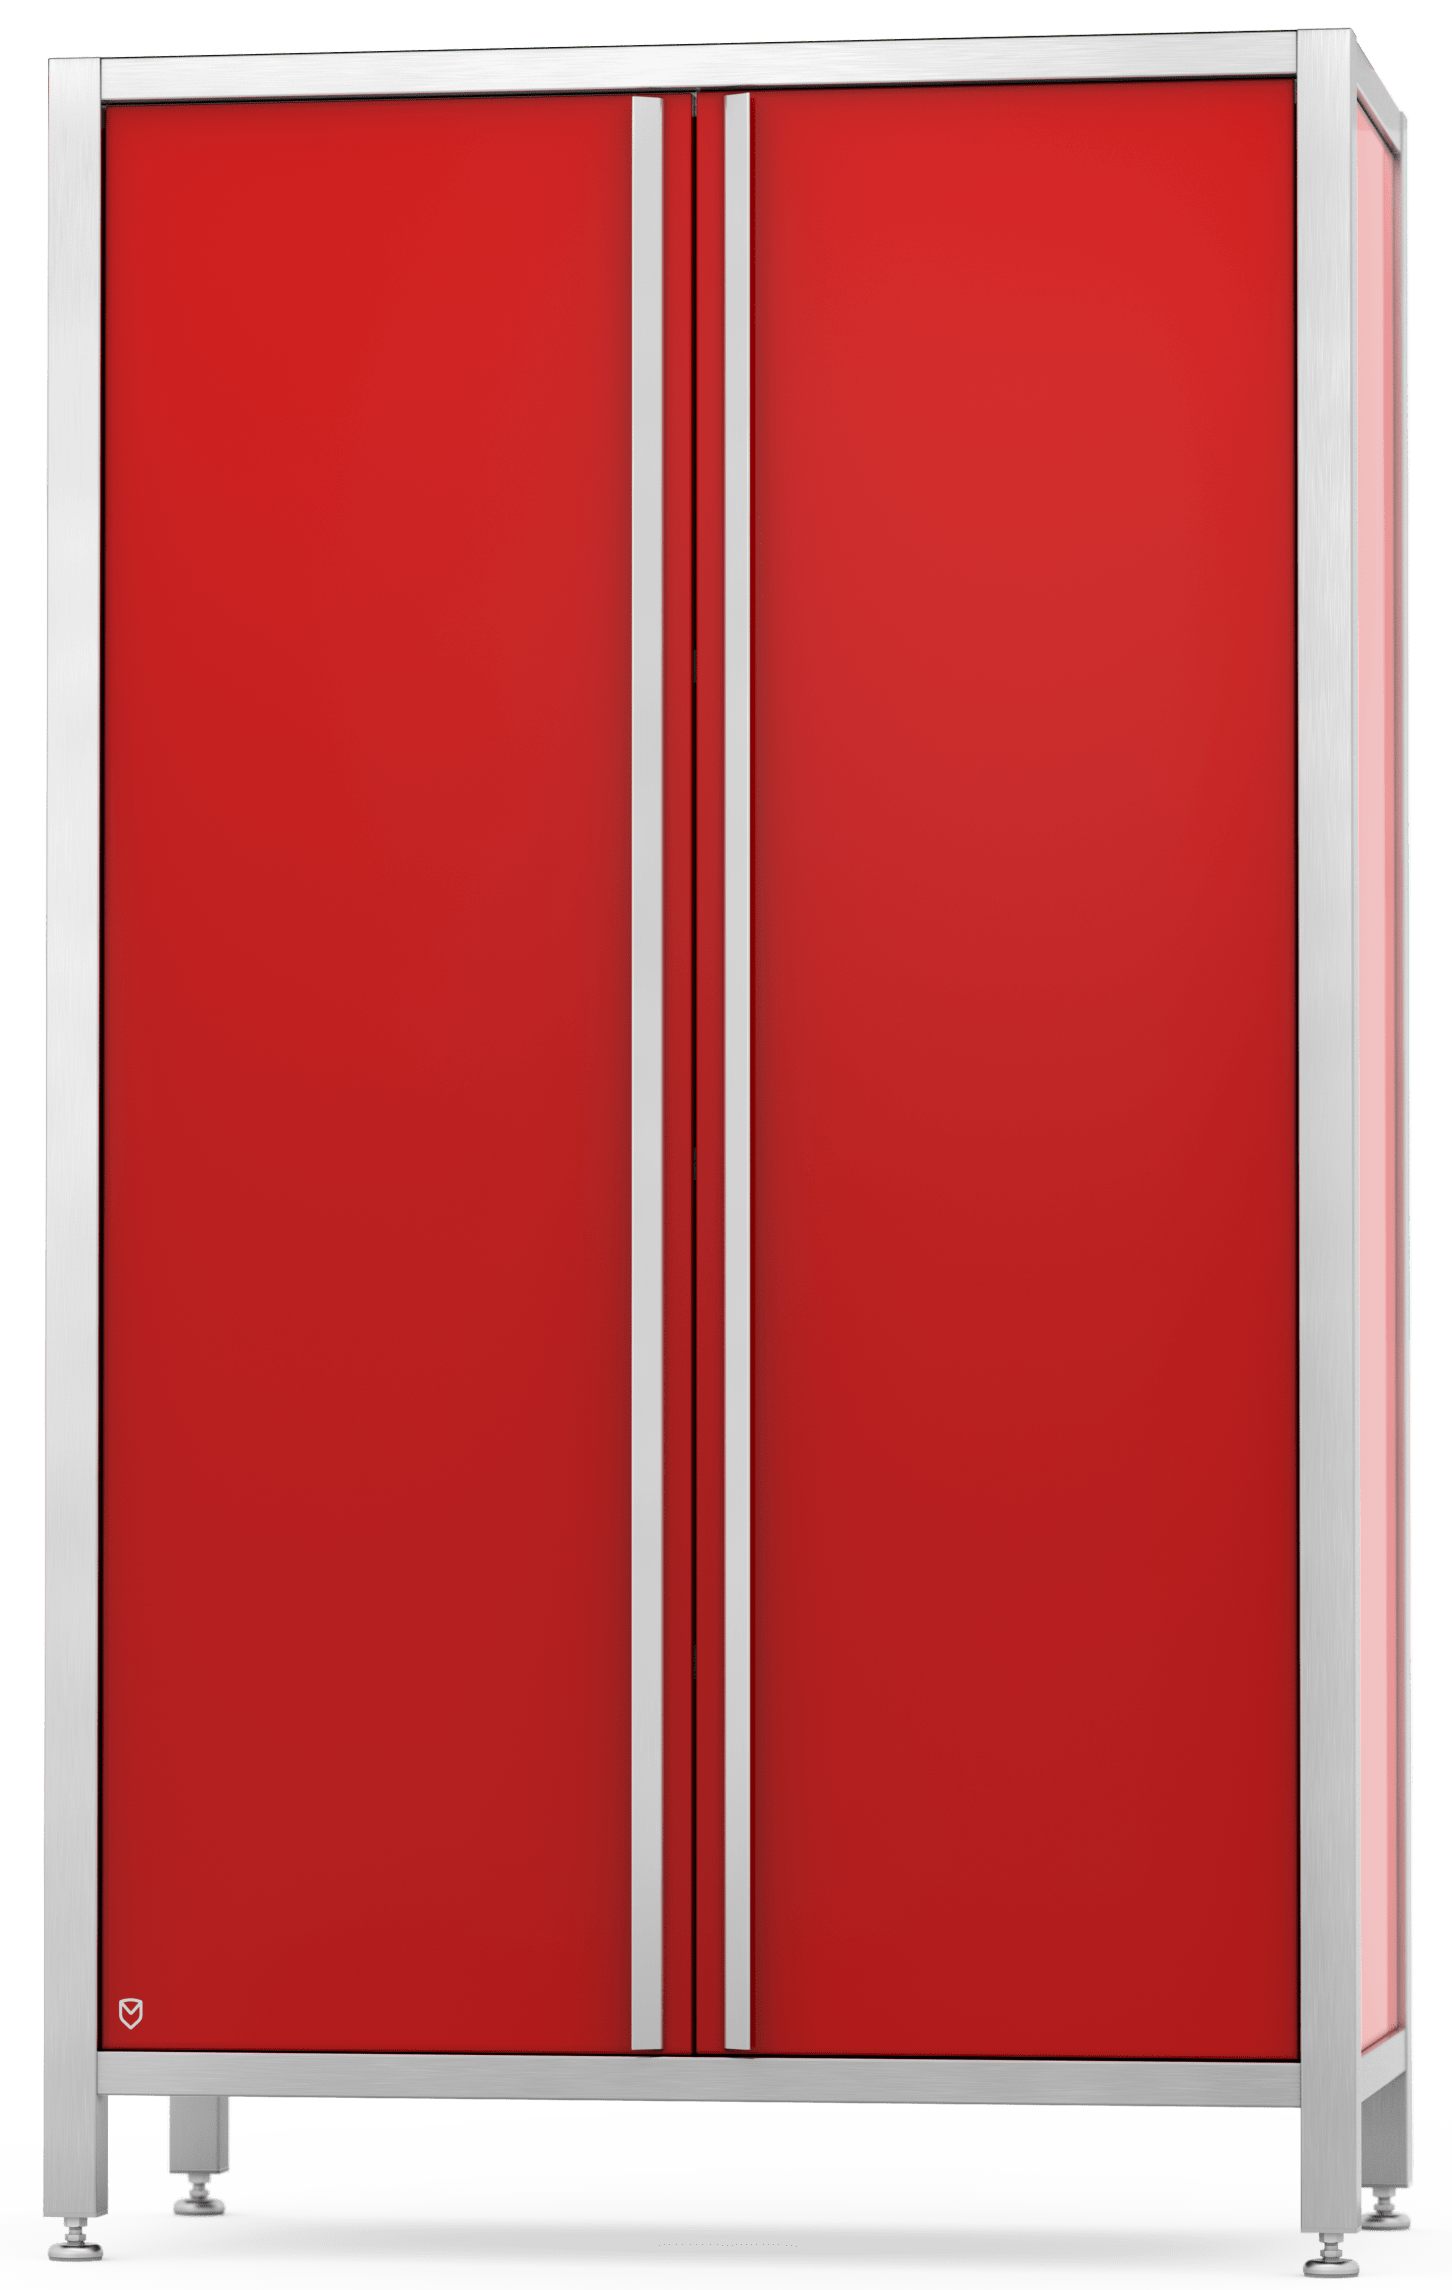 MASCAN MB-021